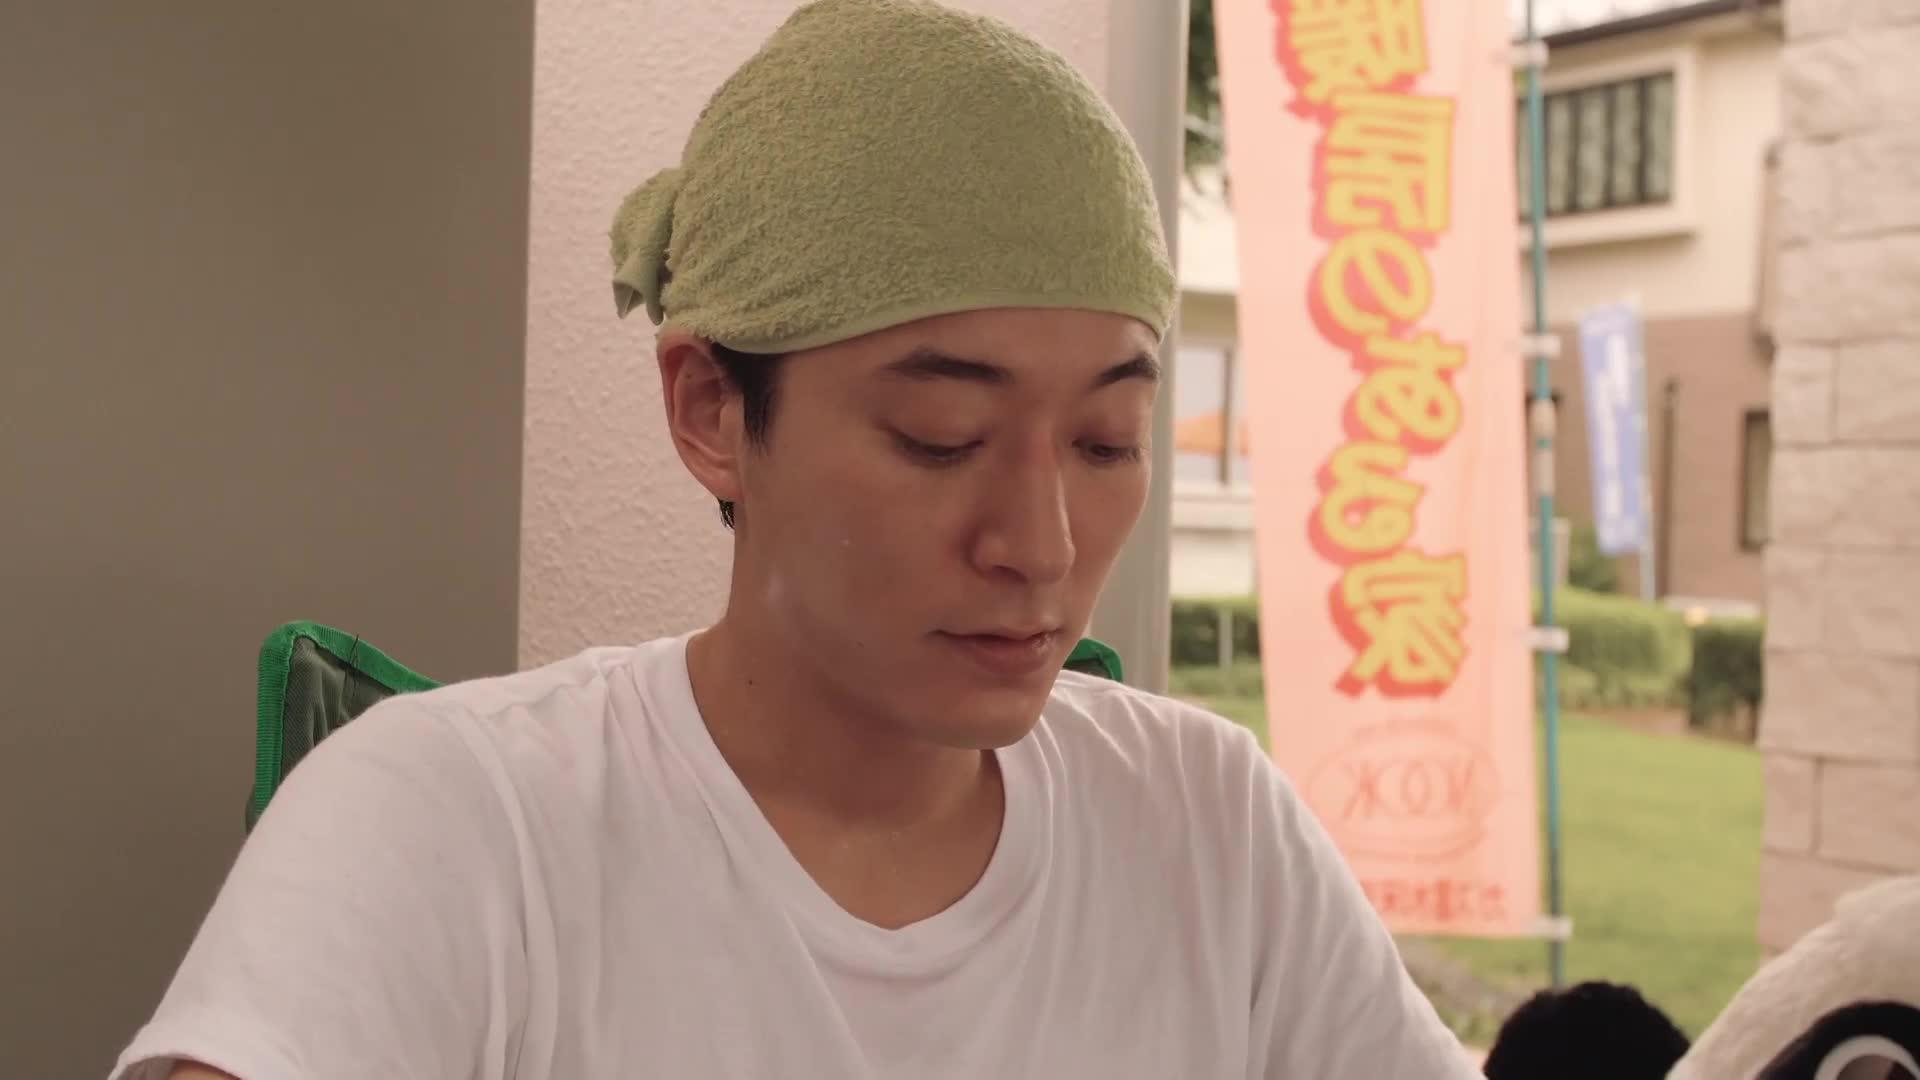 두 번째 코노지 - 카구라자카 <닭꼬치 쇼짱>